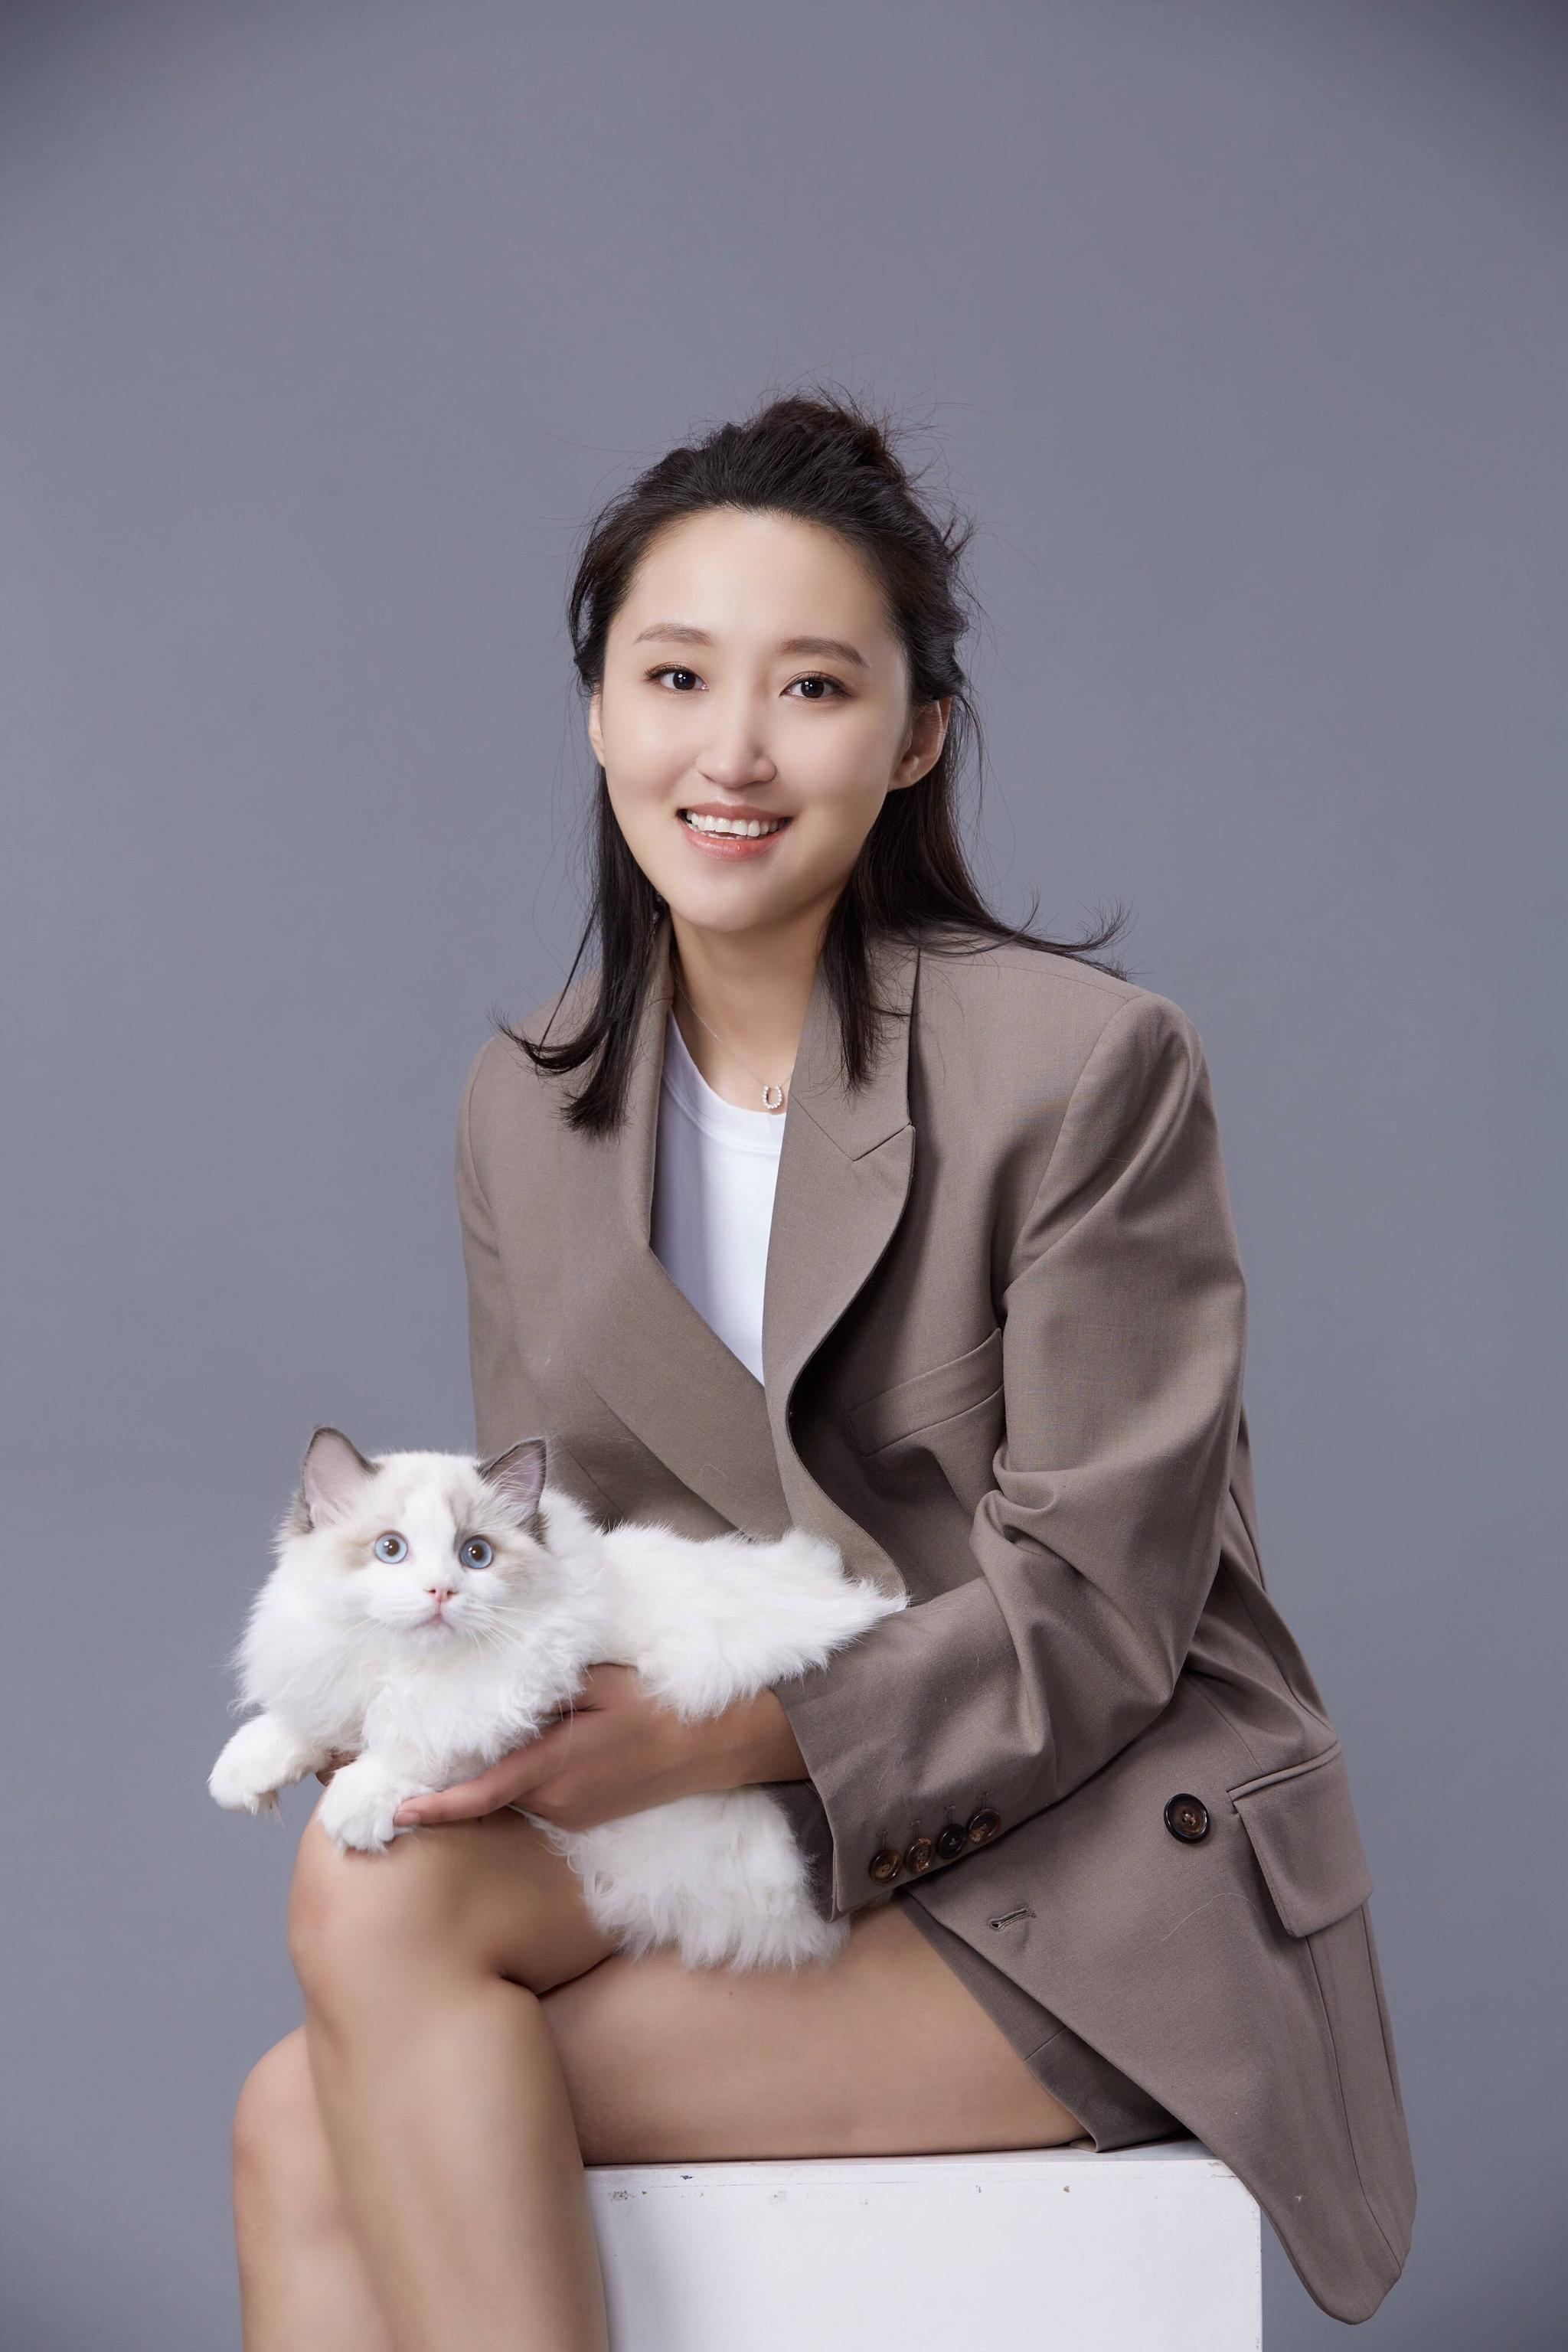 将猫咪拟人化,「毛绒派」定位全品类猫咪生活品牌,已获天使轮融资